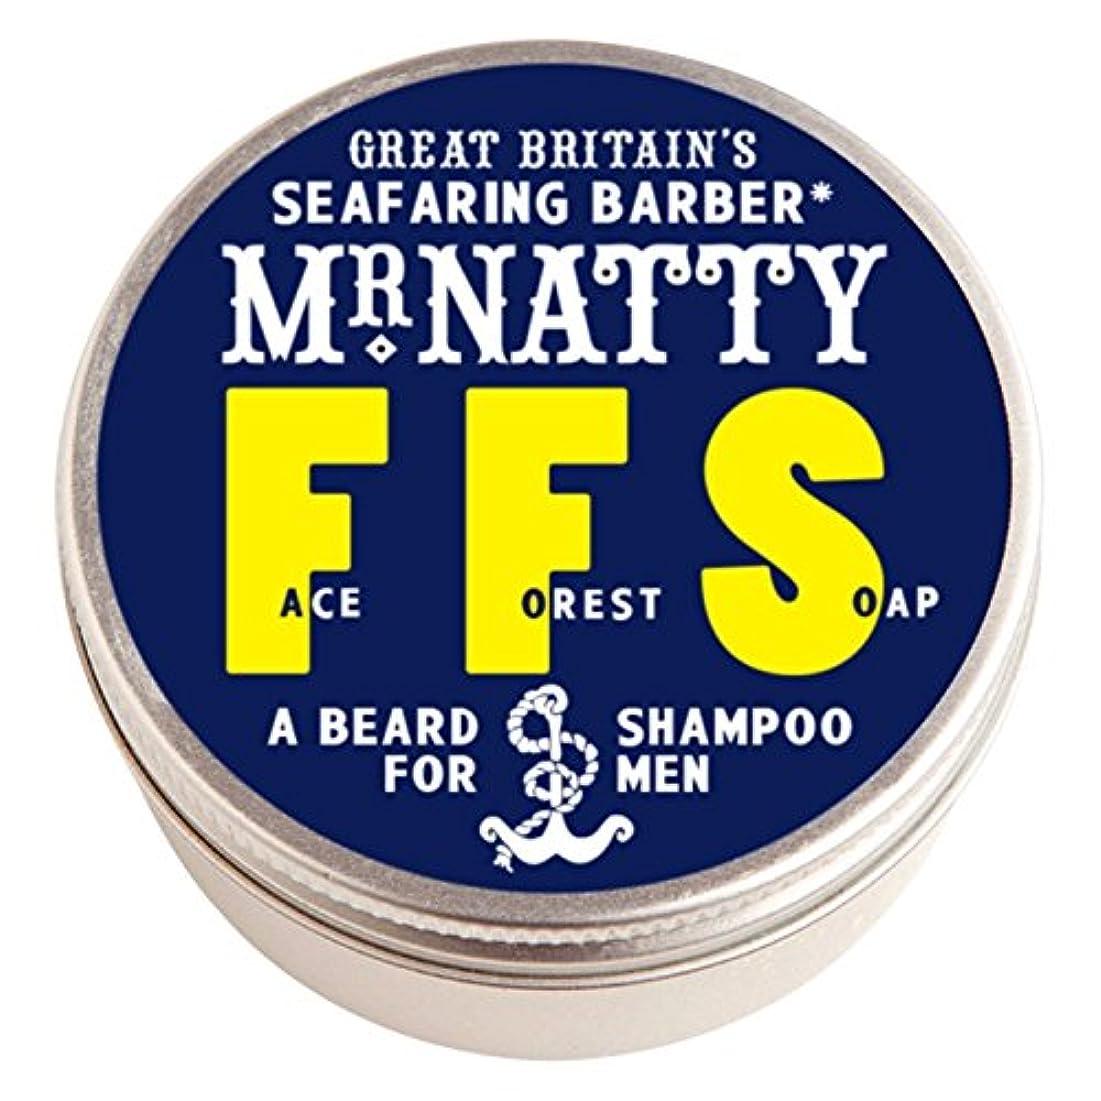 言い直す従事した大陸ミスター粋の森林顔ひげシャンプー (Mr Natty) - Mr Natty's Forest Face Beard Shampoo [並行輸入品]